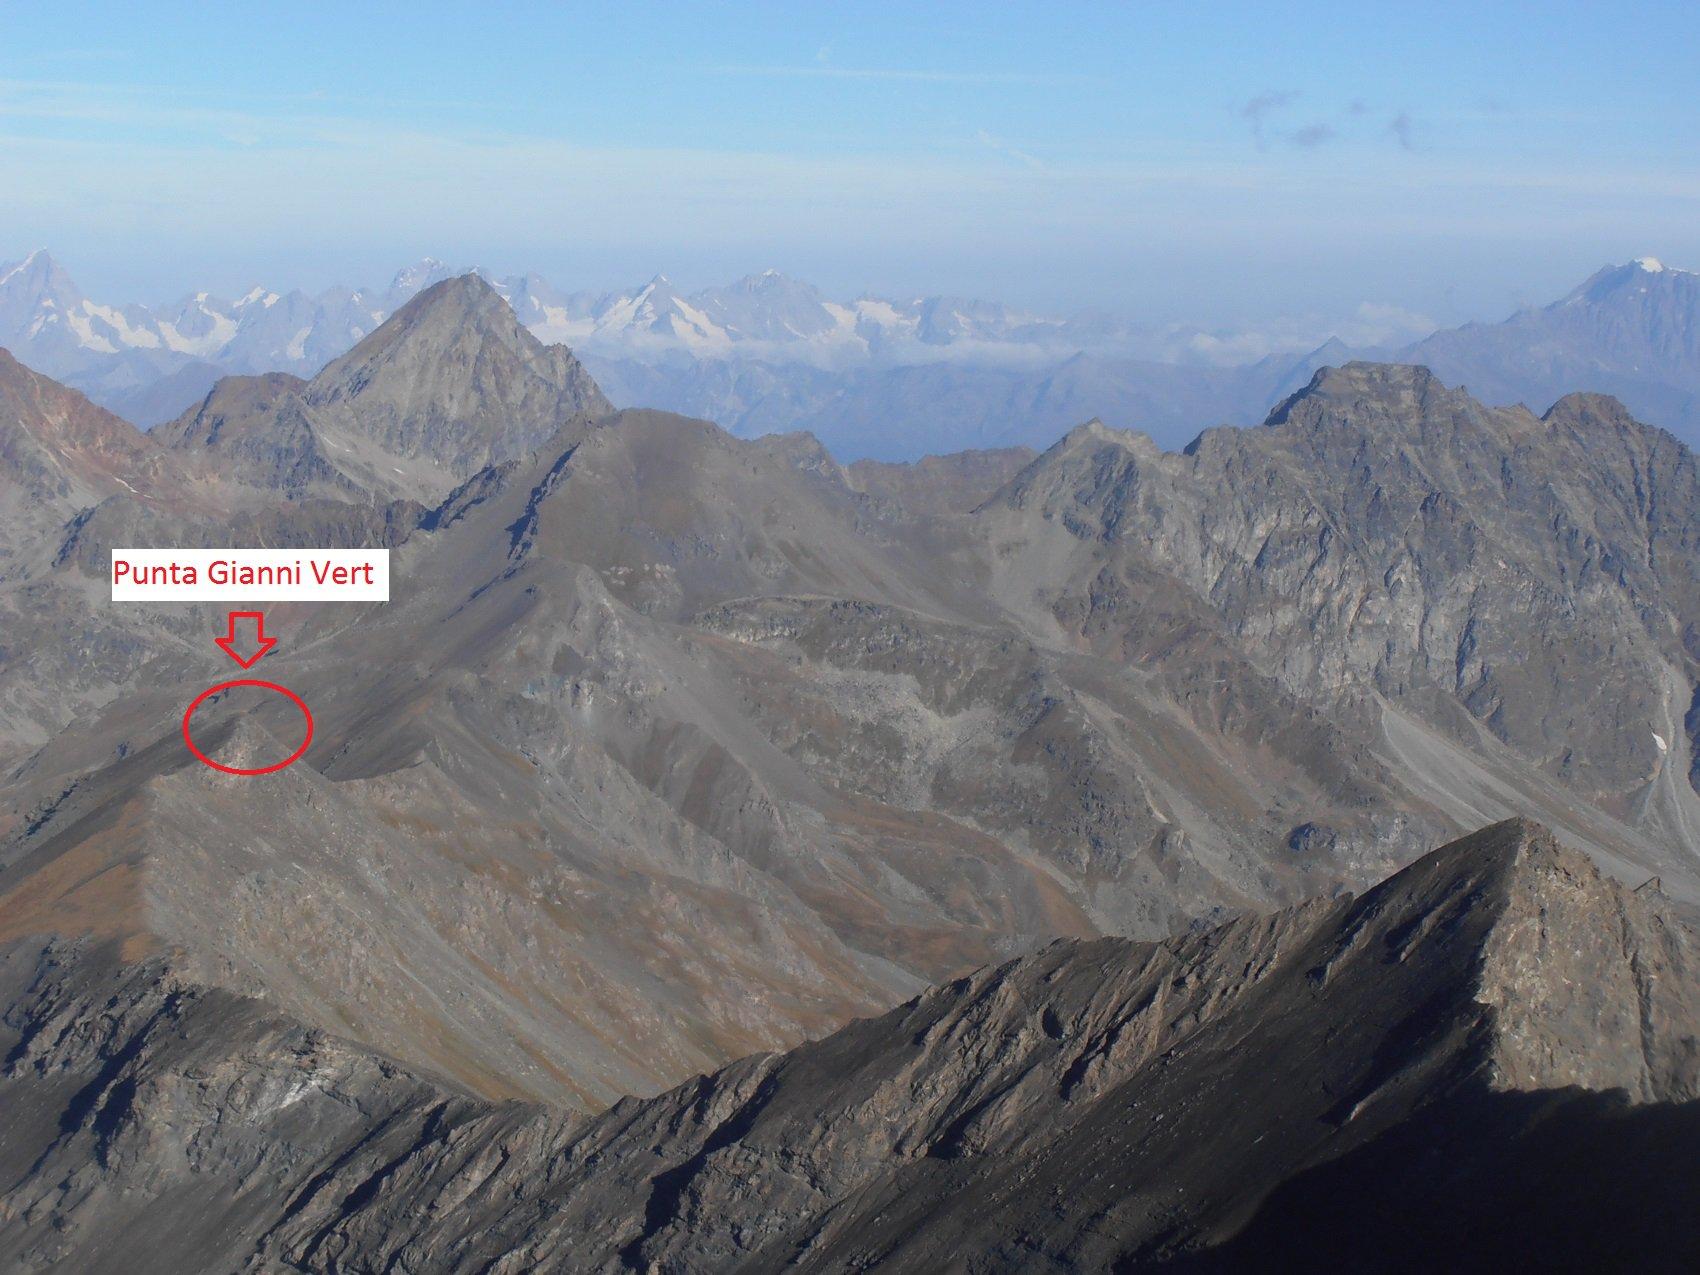 08 - Punta Gianni Vert vista dalla Punta Tersiva, con l'Emilius sullo sfondo